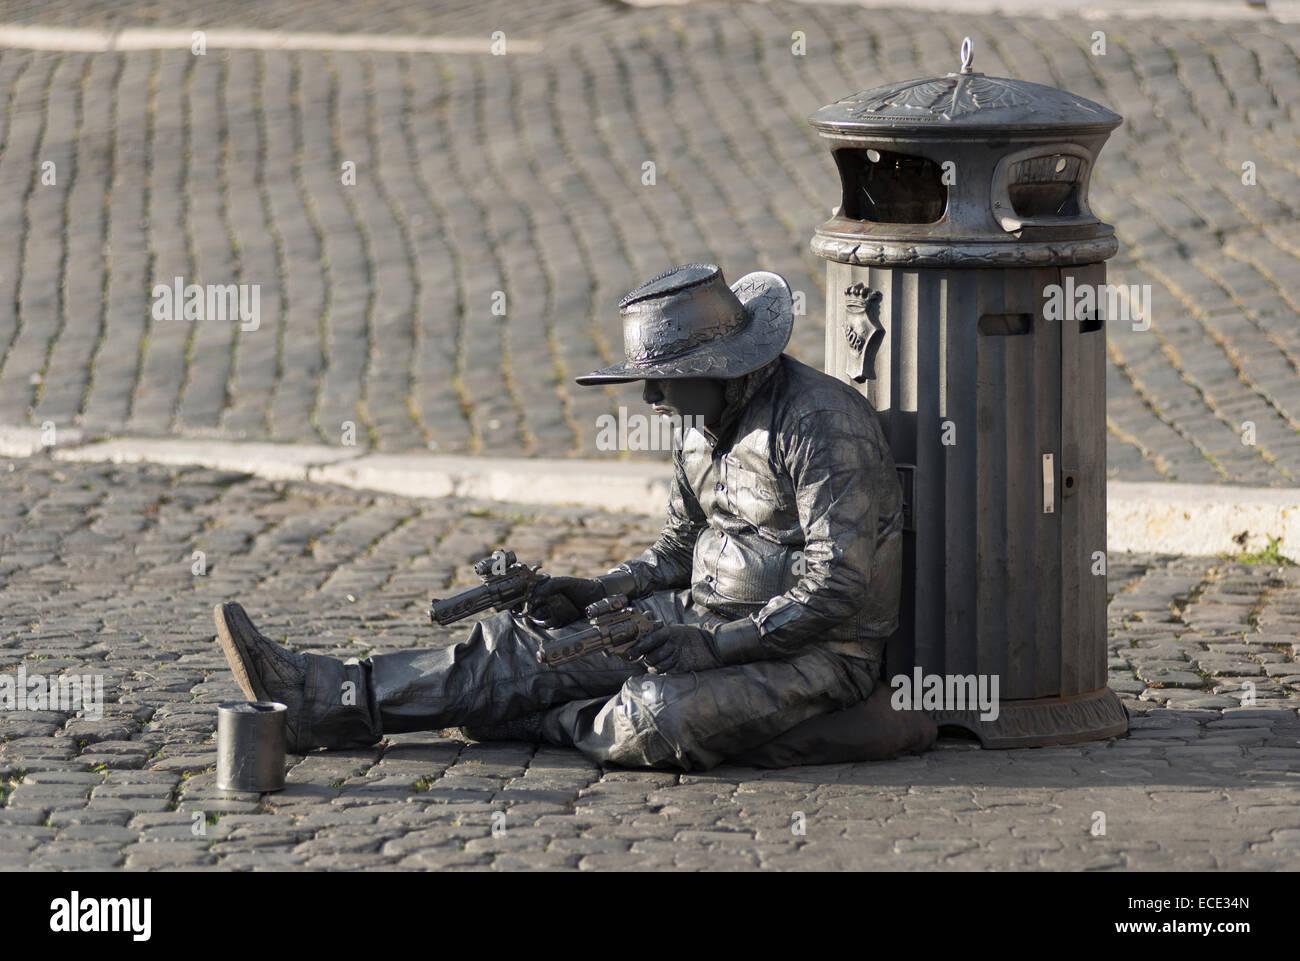 Cowboy, Schauspieler mit Gewehren, die sitzen auf der Via della Conciliazone, XIV Rione Borgo, Rom, Latium, Italien Stockbild